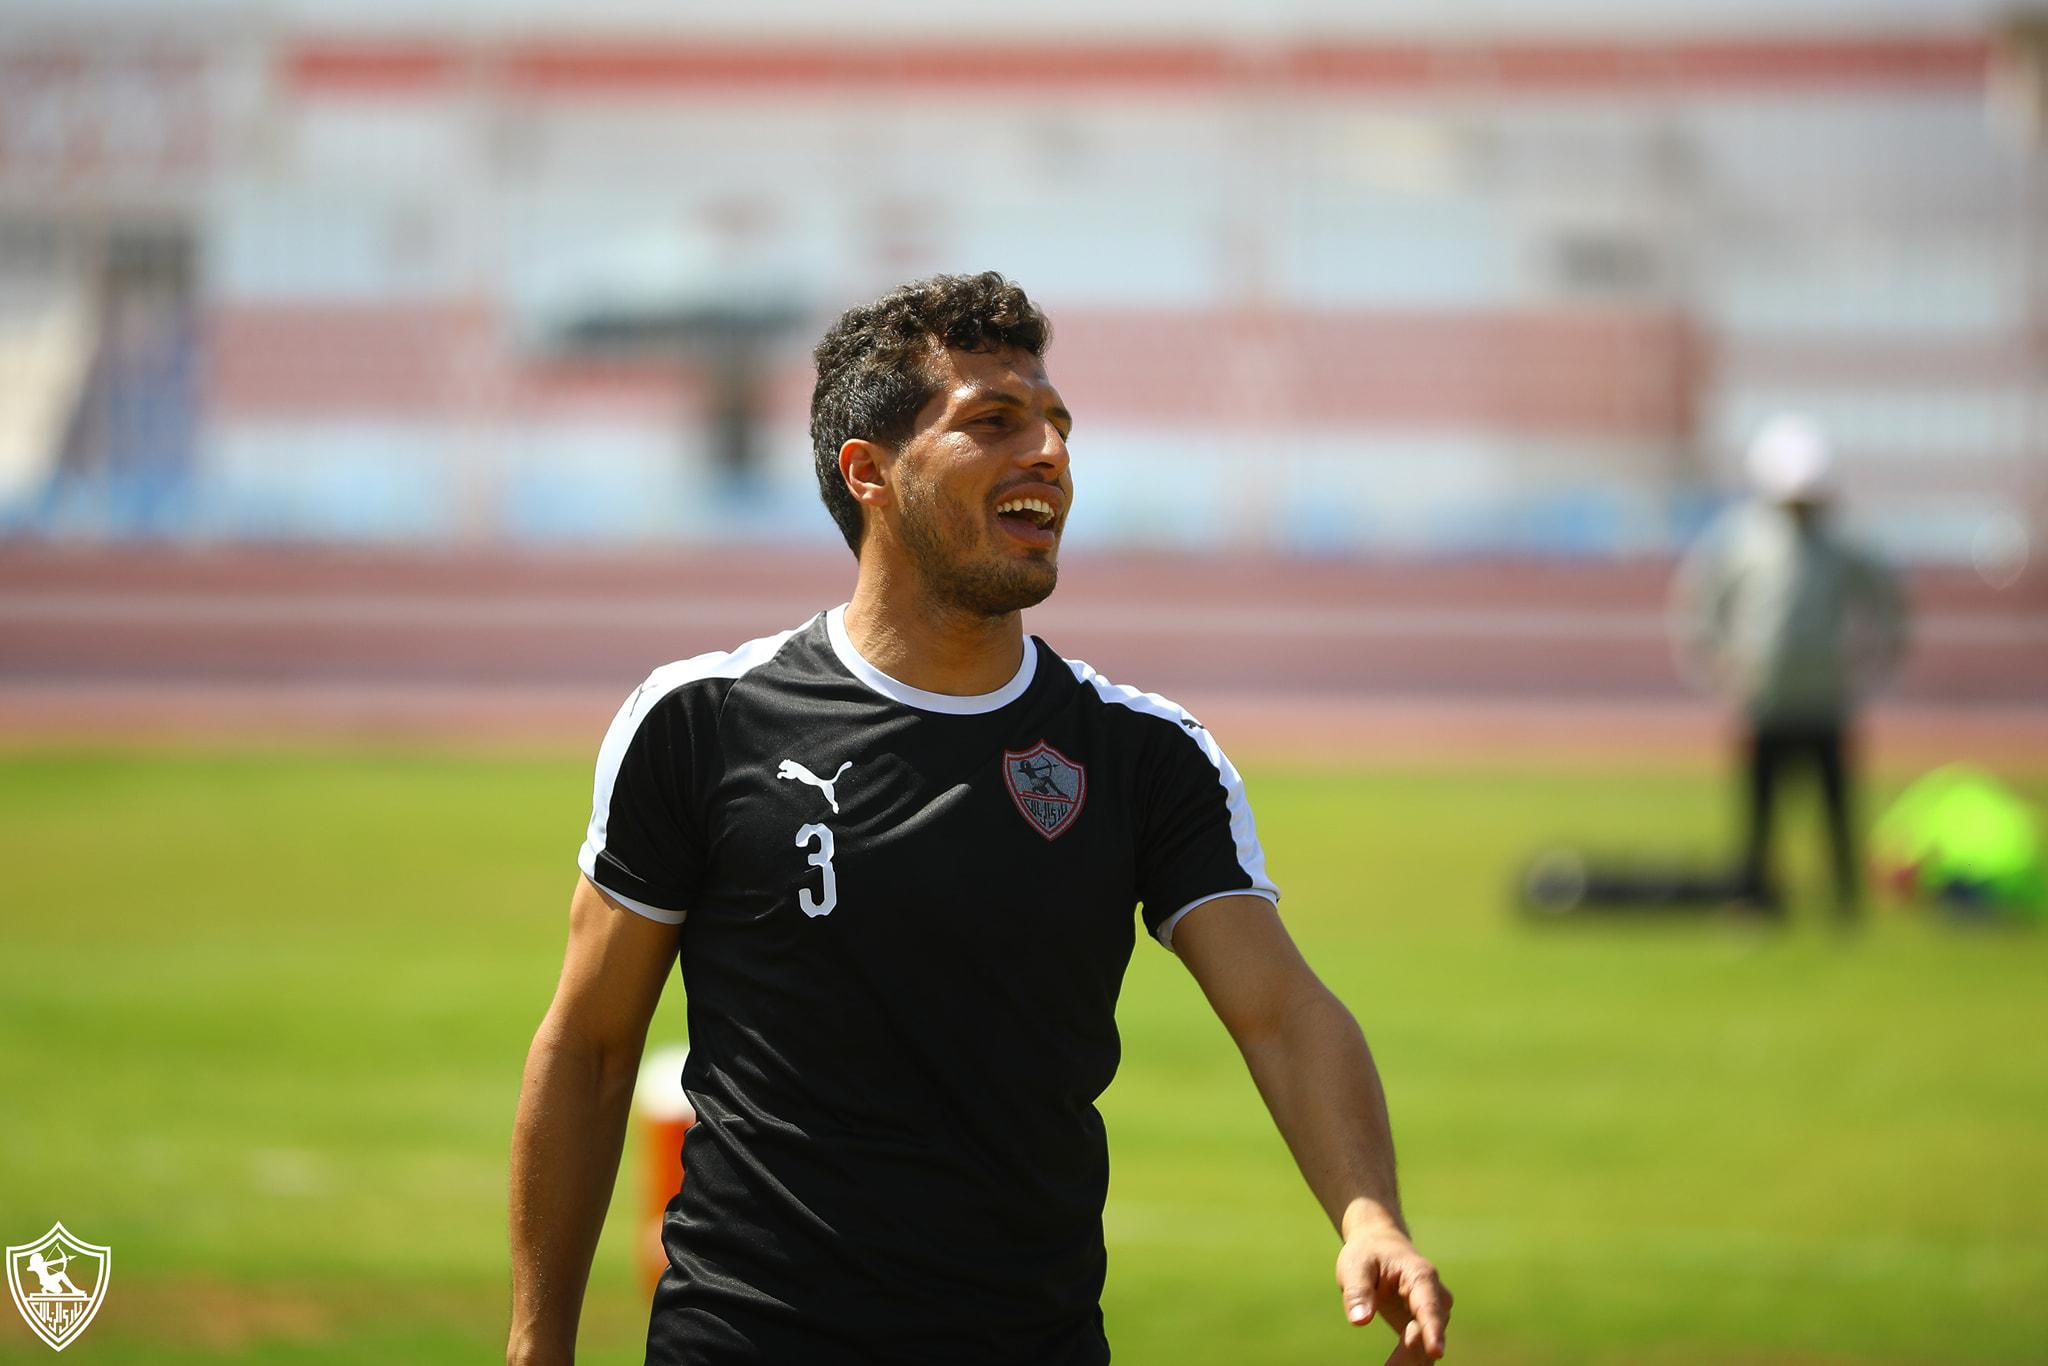 طارق حامد لاعب وسط الزمالك